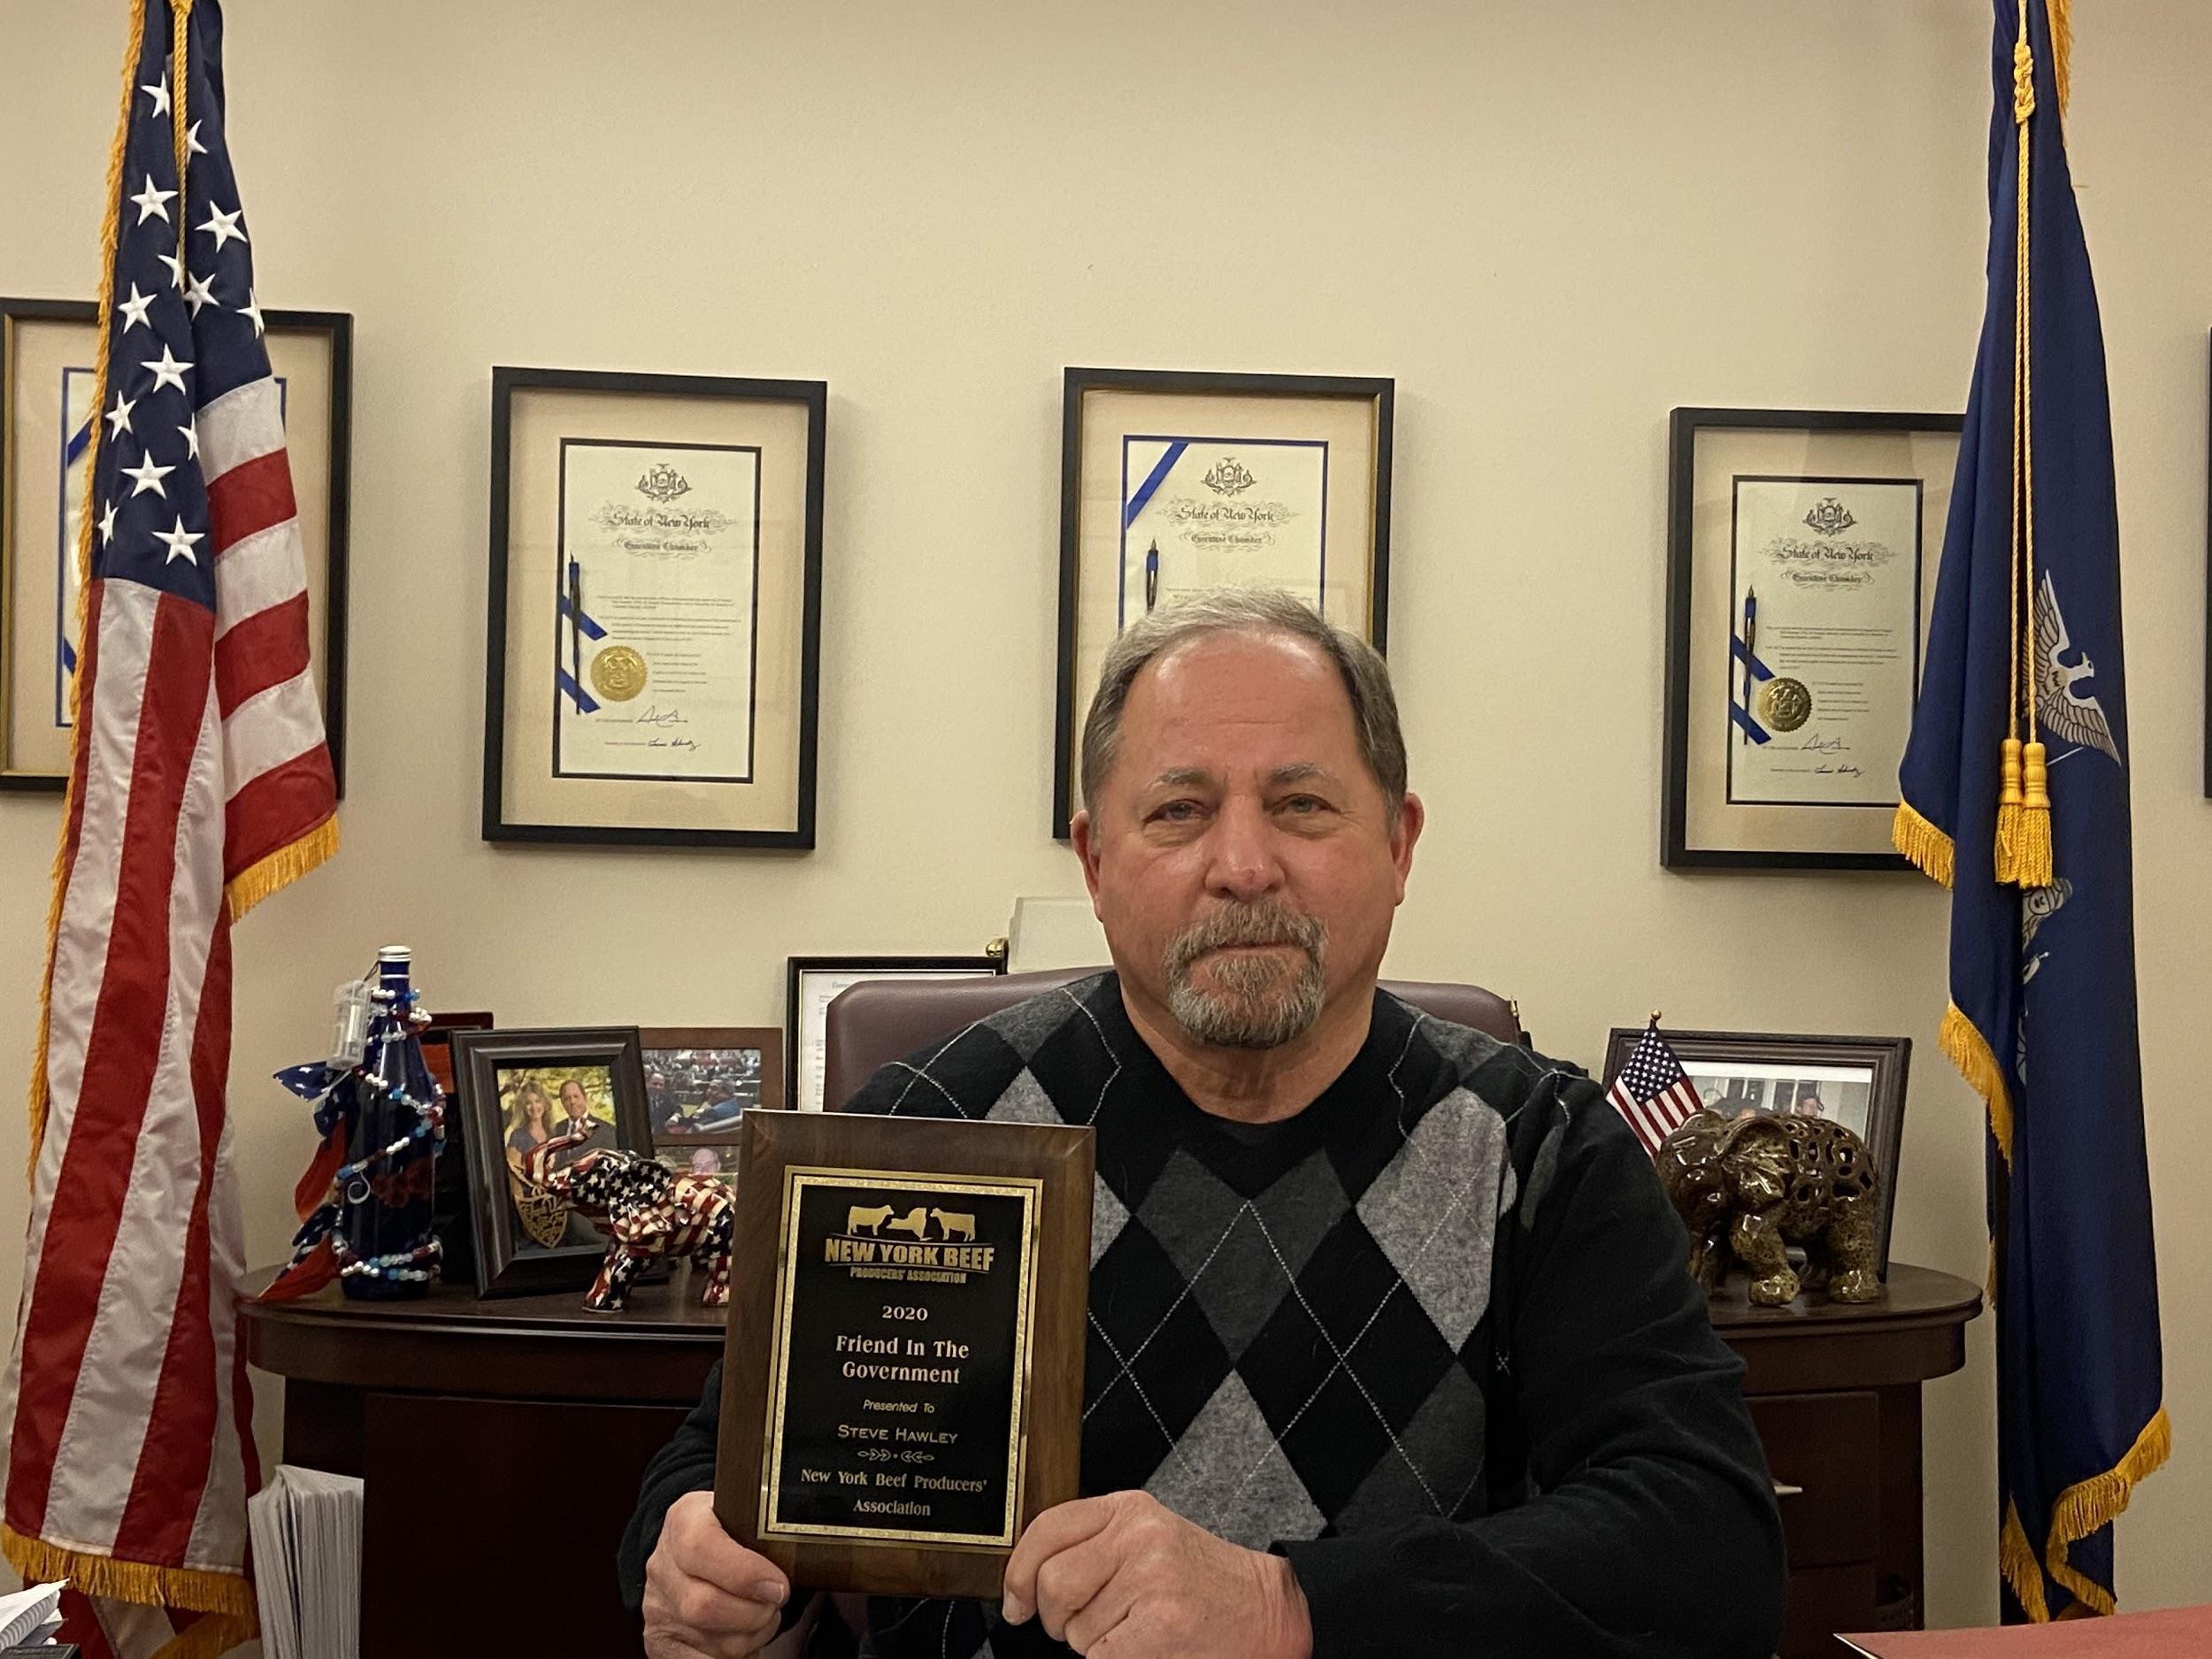 Beef_Award_2-5-2021.jpg